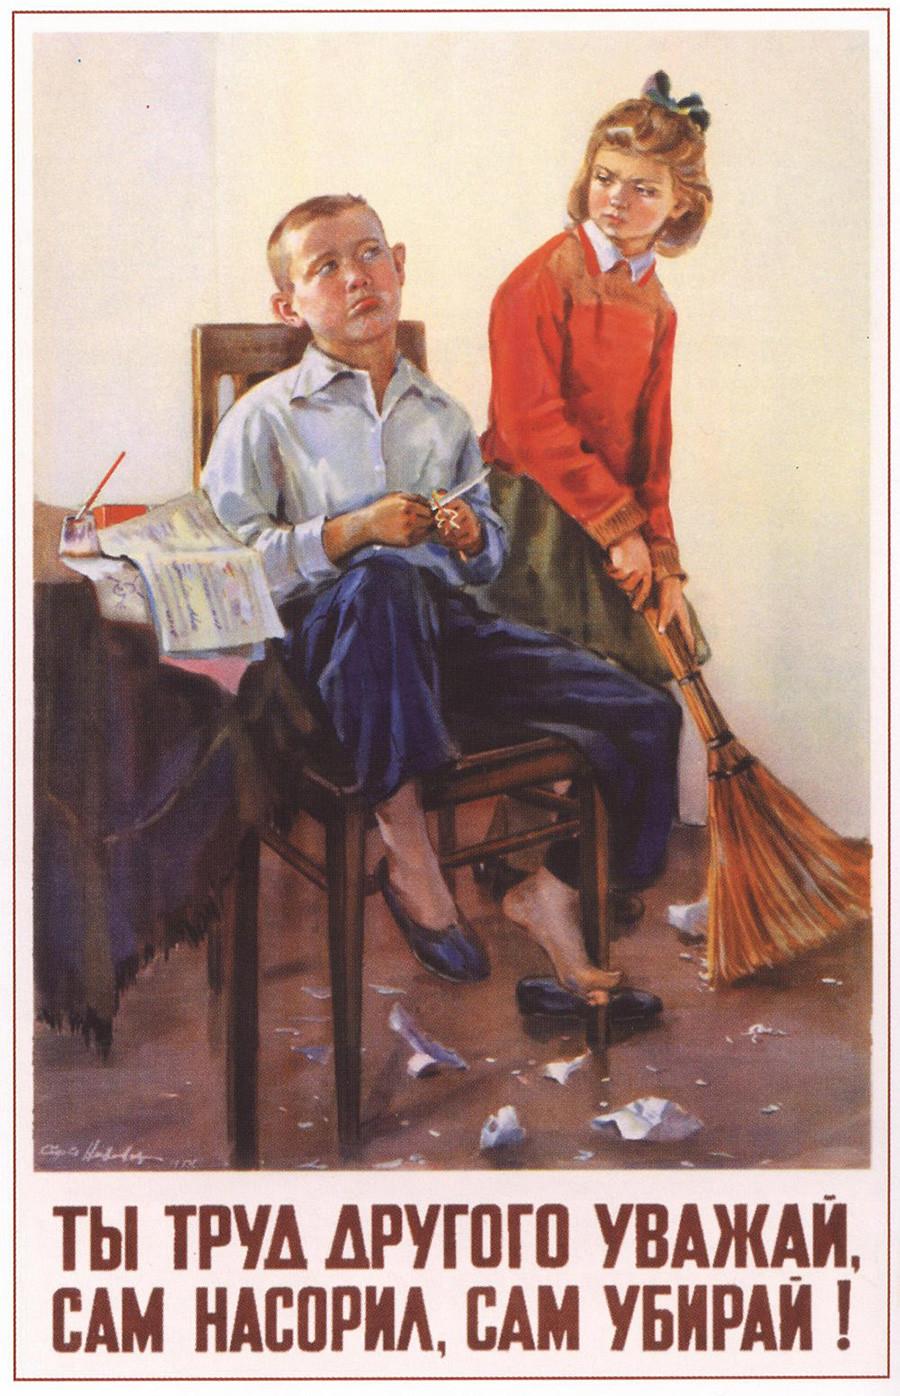 「他人の労働を尊敬しなさい!君が汚したのだから、君が掃除しなさい!」